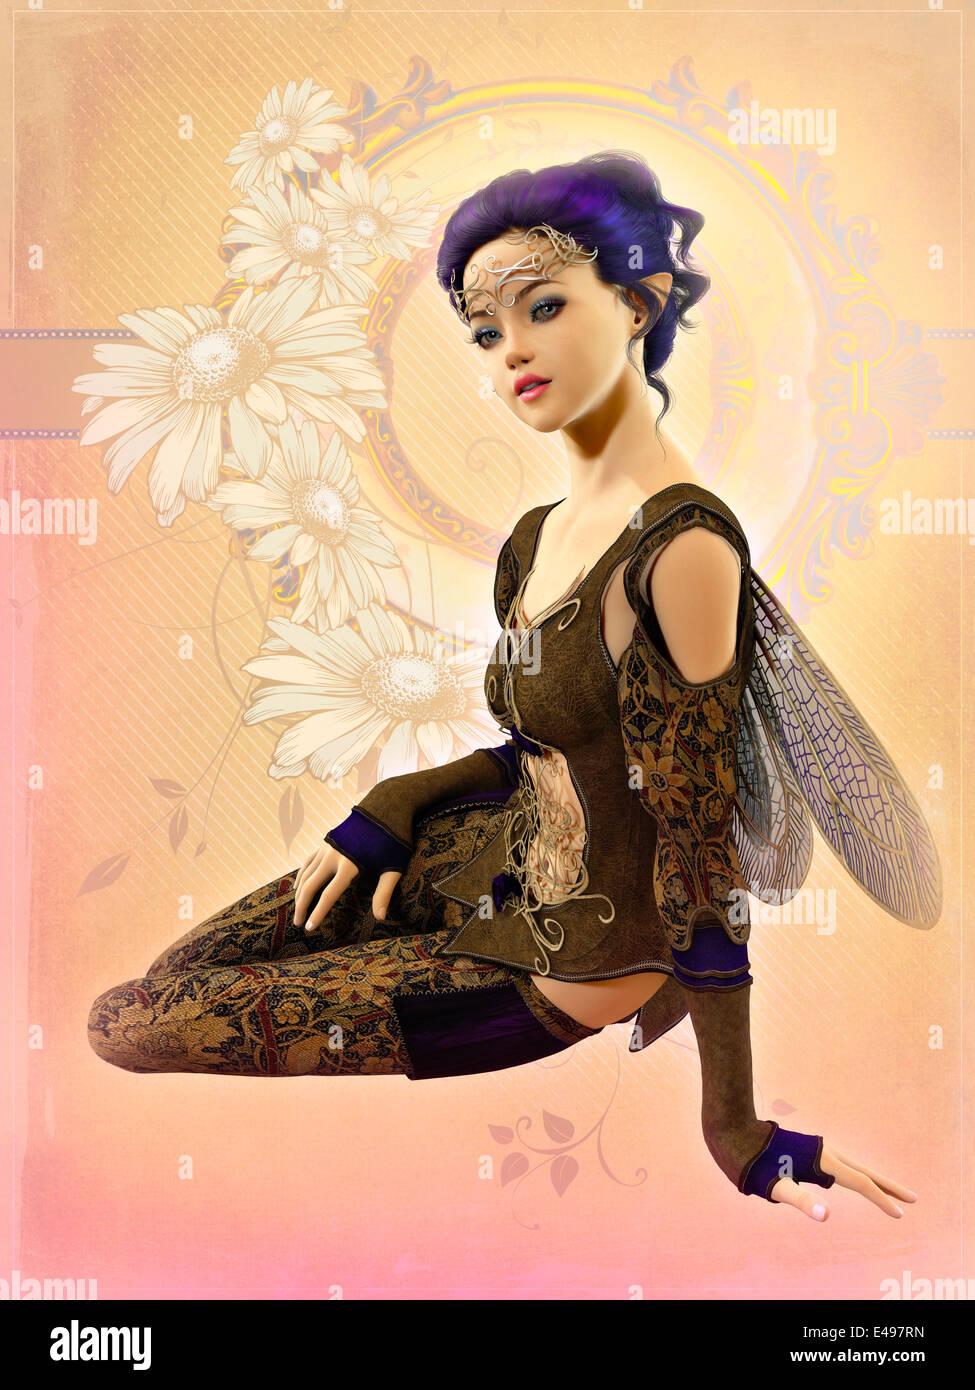 3D Computergrafik eine niedliche Fee mit lila Haaren und Libelle Flügel Stockbild